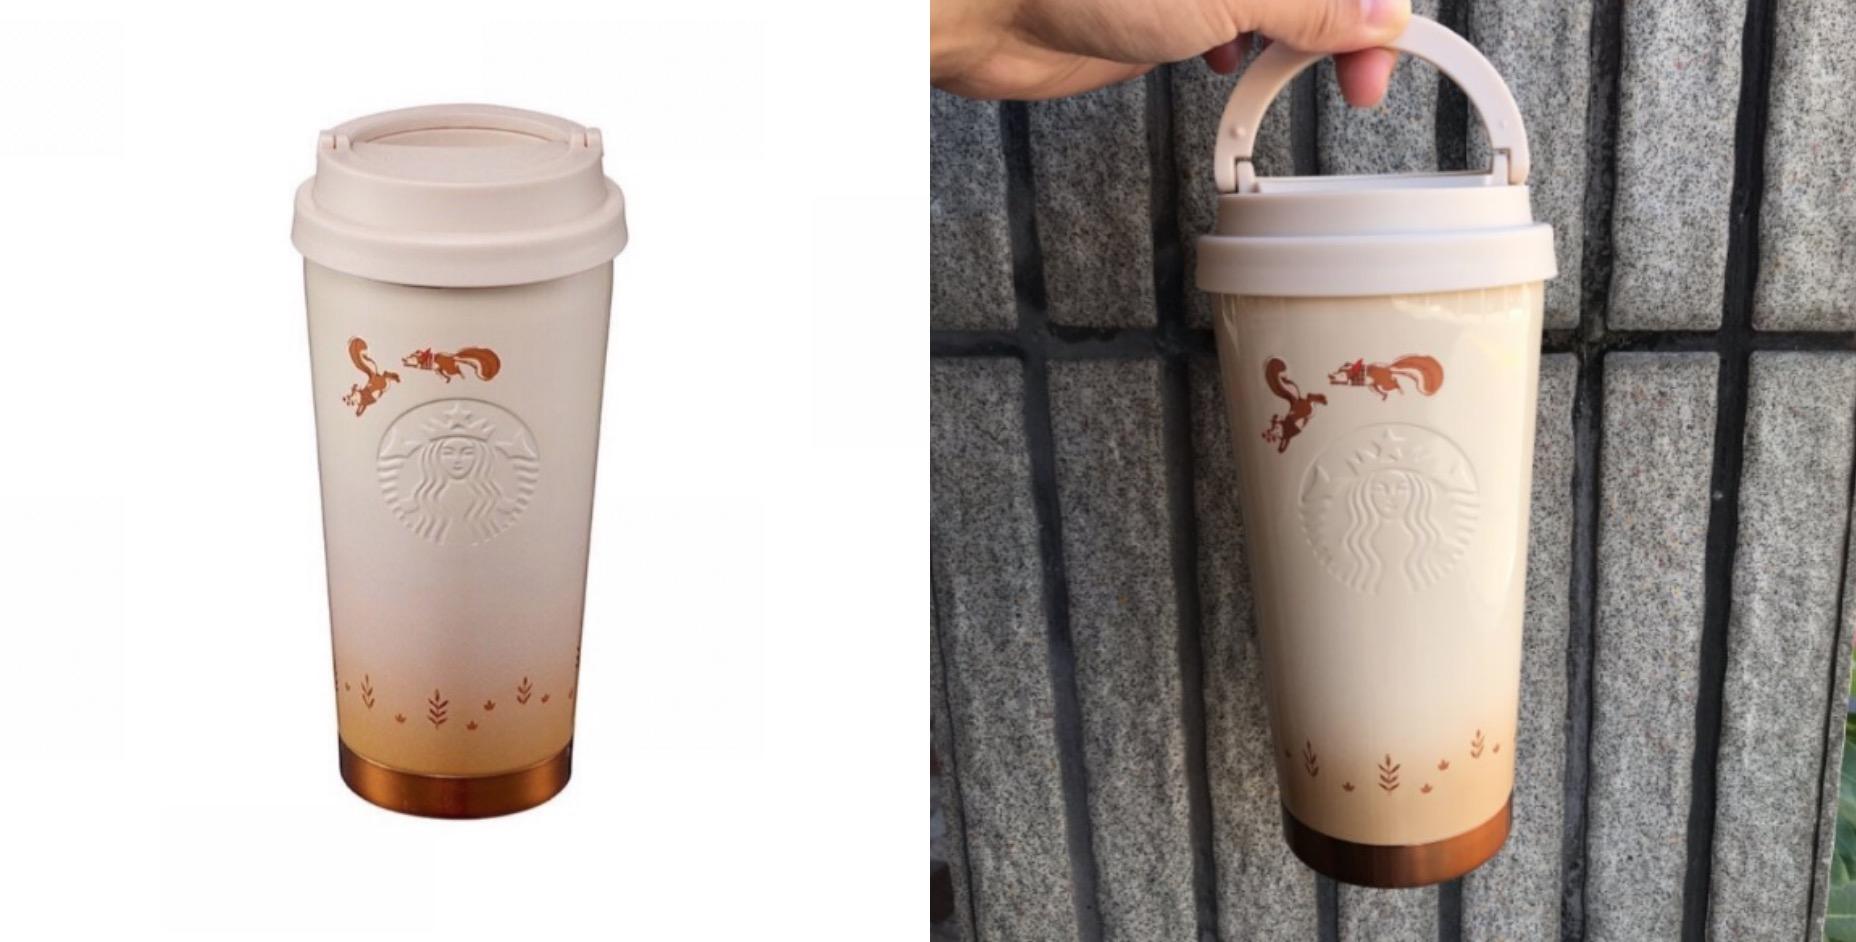 2020韓國星巴克秋天系列,有可愛松鼠圖樣的不鏽鋼杯,容量473ml,可以手提、方便攜帶。